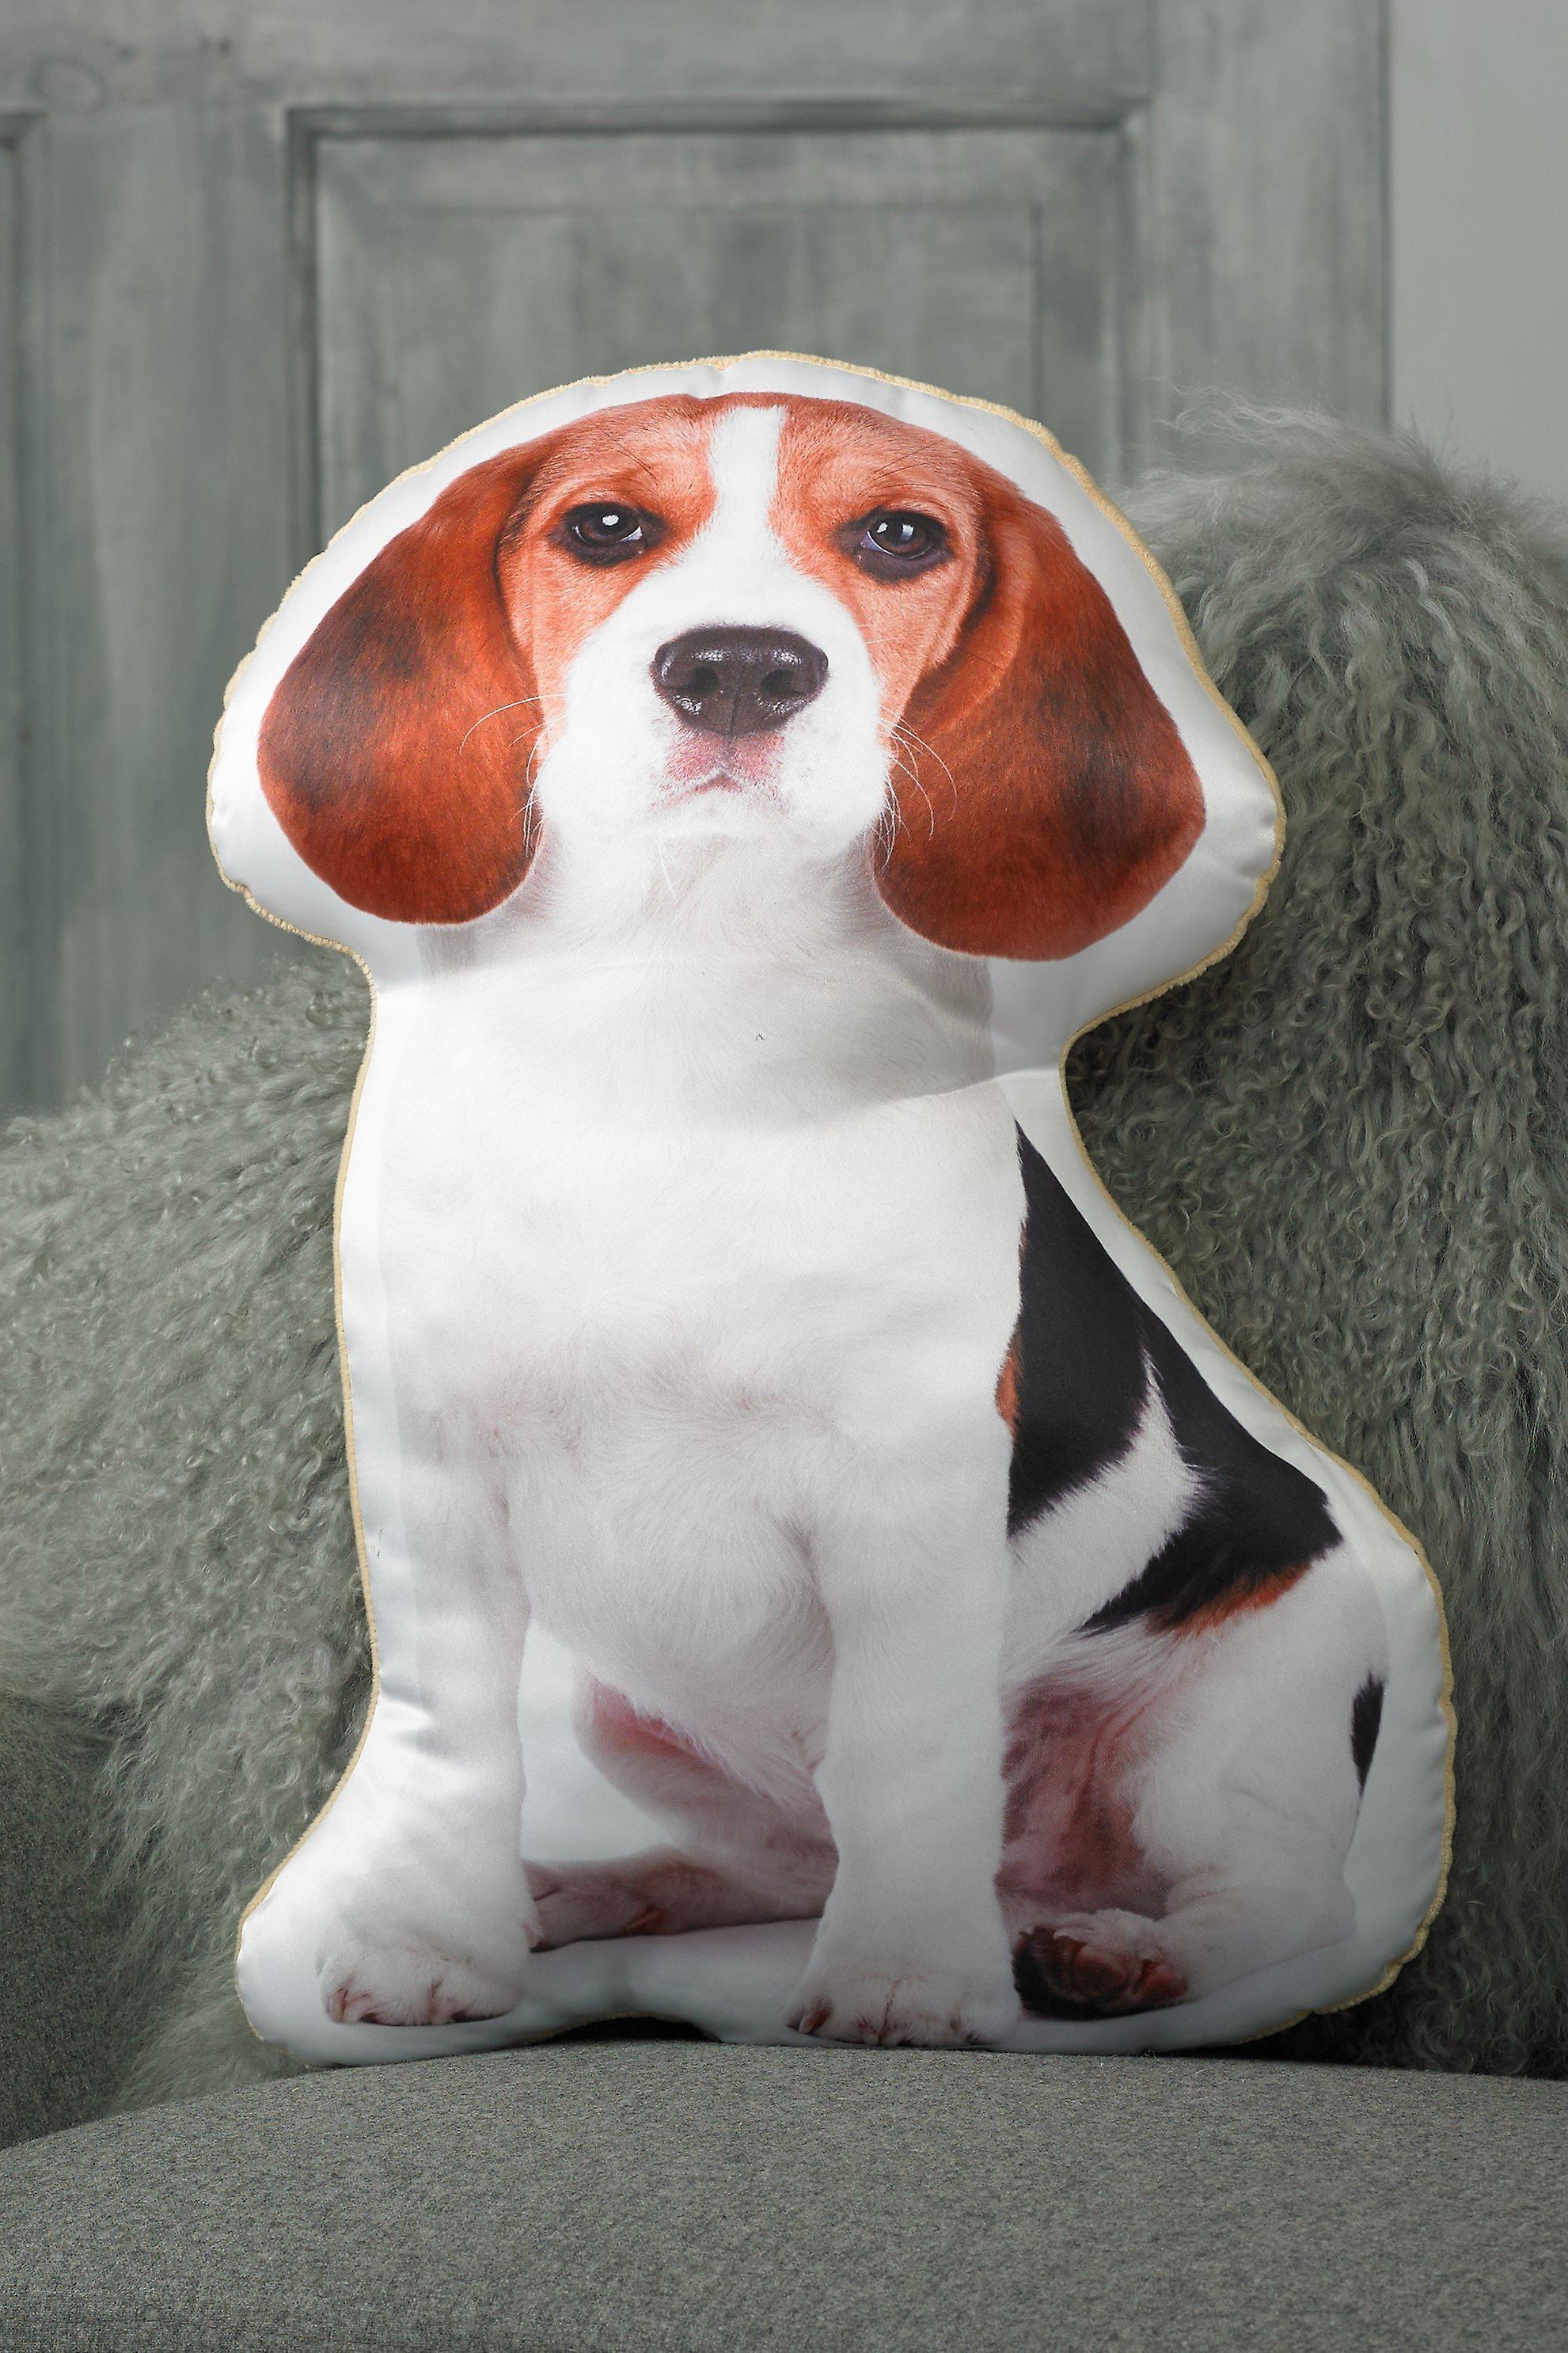 Adorable beagle shaped cushion